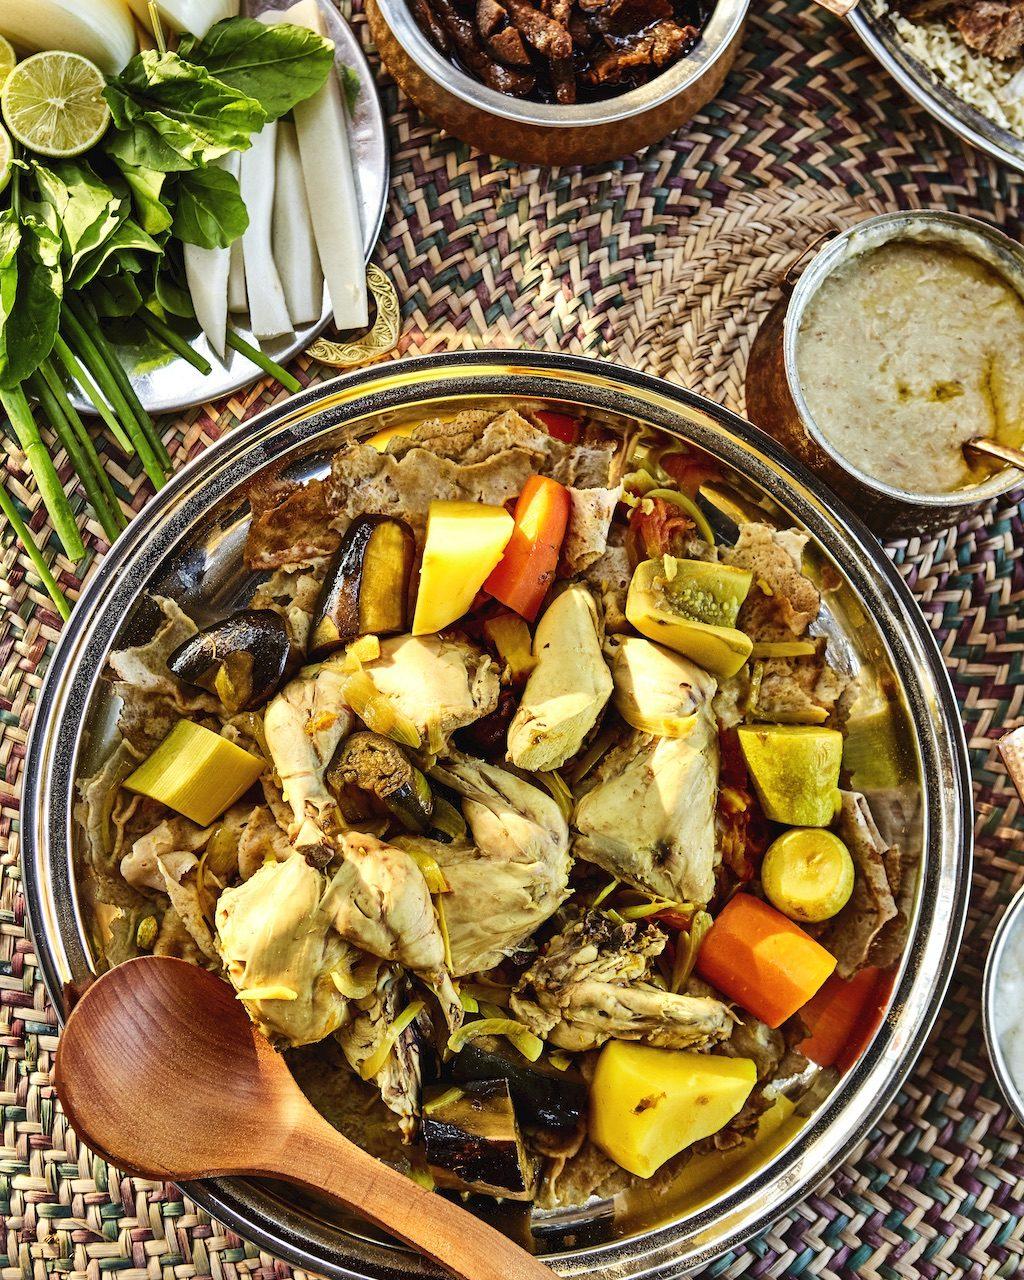 阿拉伯傳統美食「整隻駱駝BBQ」裹滿香料扒來吃太狂...